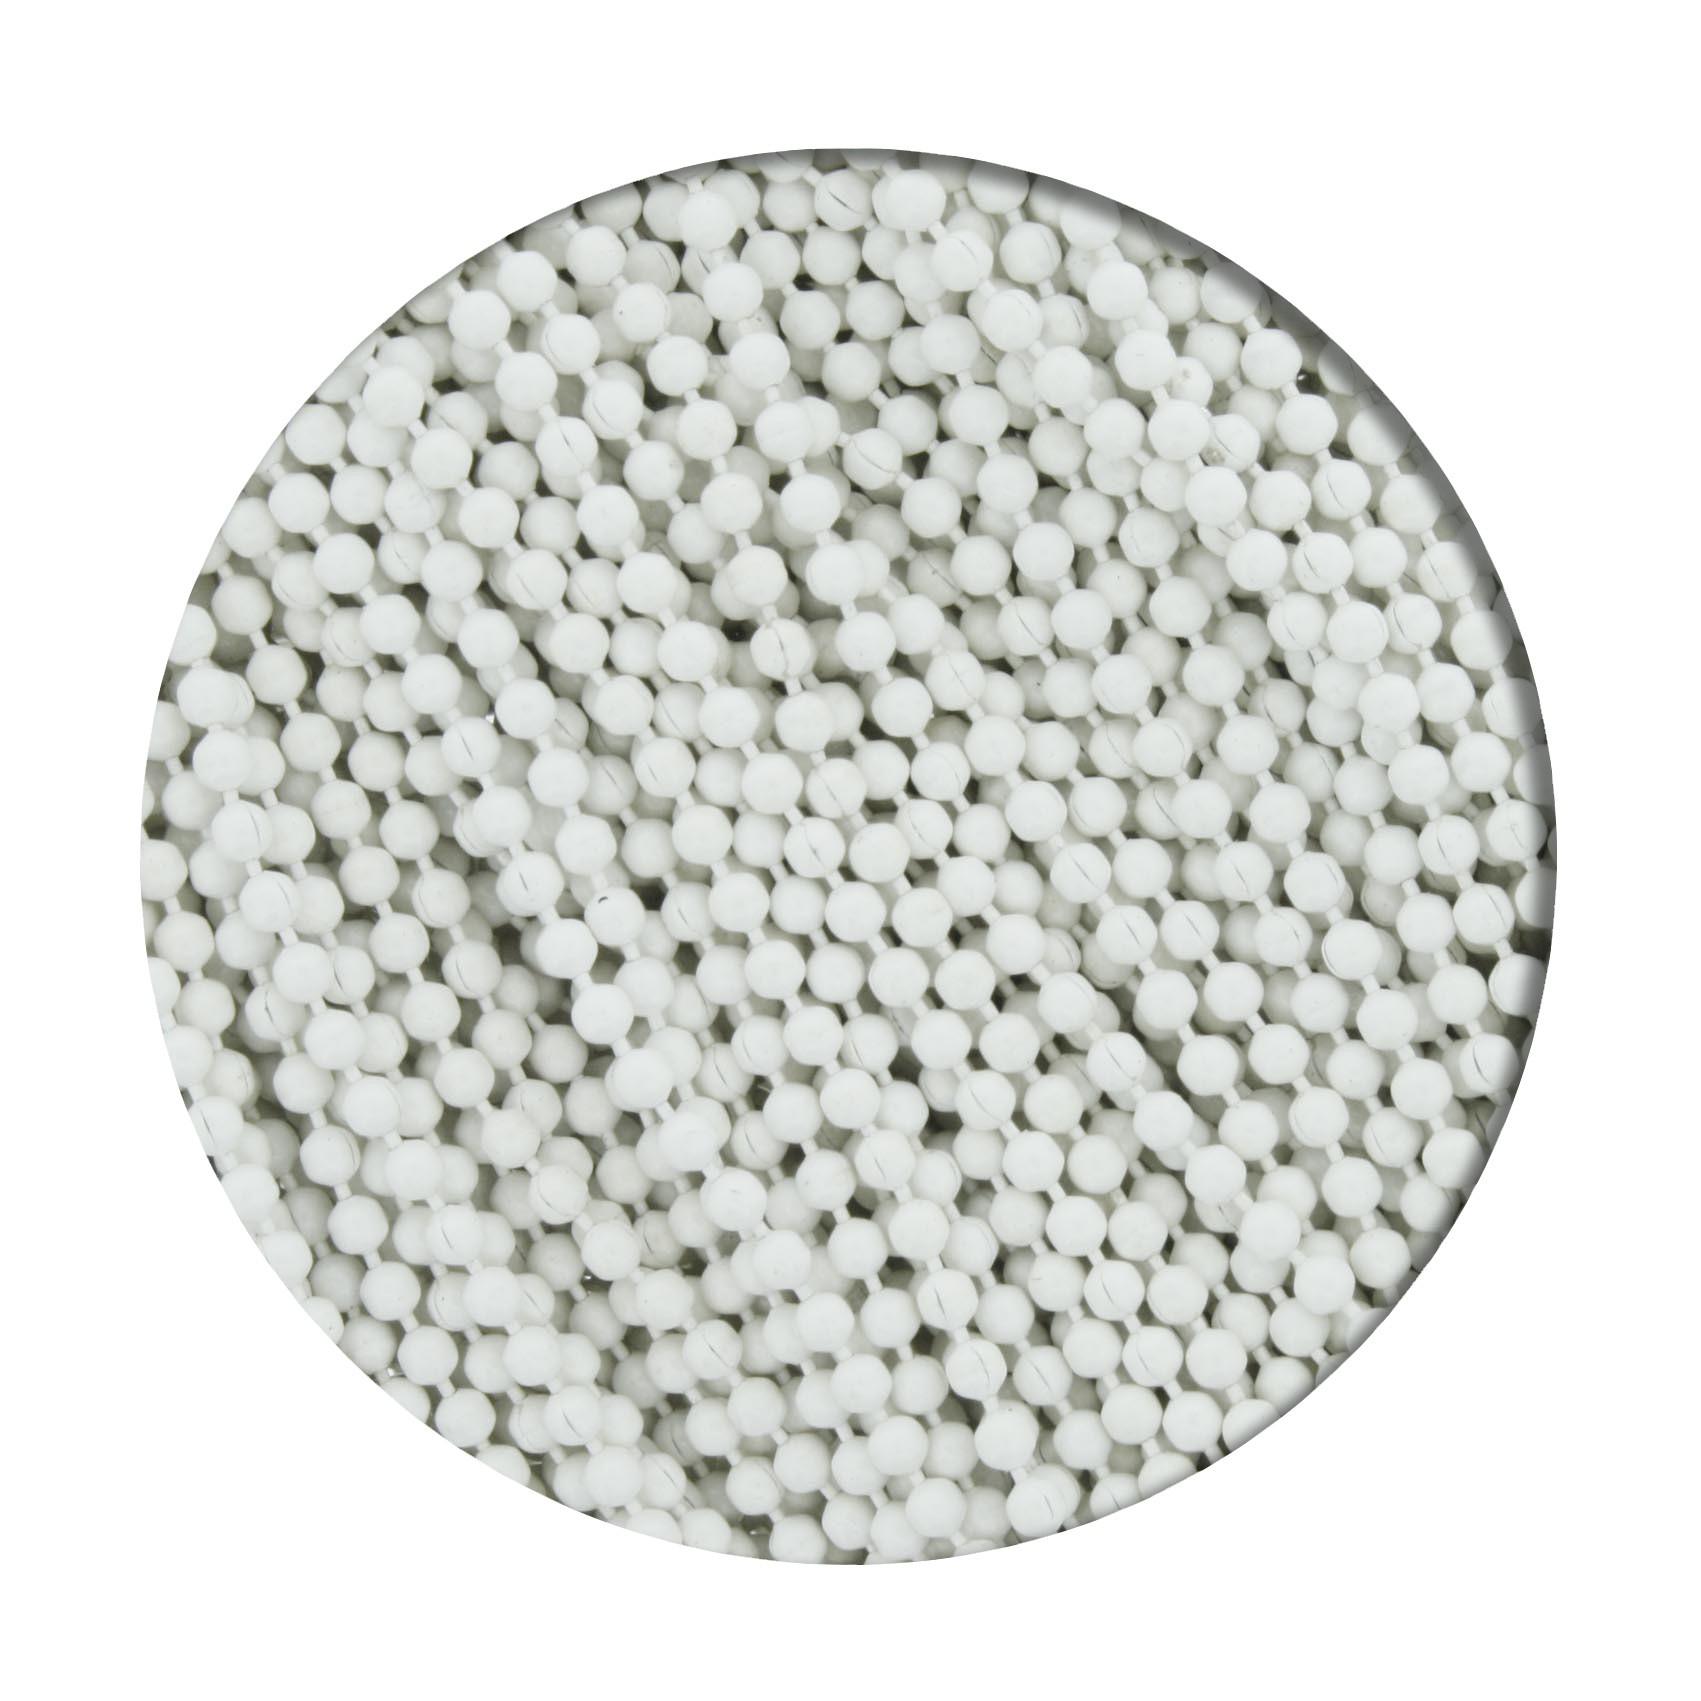 Corrente de Bolinha - 1,5mm - Branca  - Stéphanie Bijoux® - Peças para Bijuterias e Artesanato